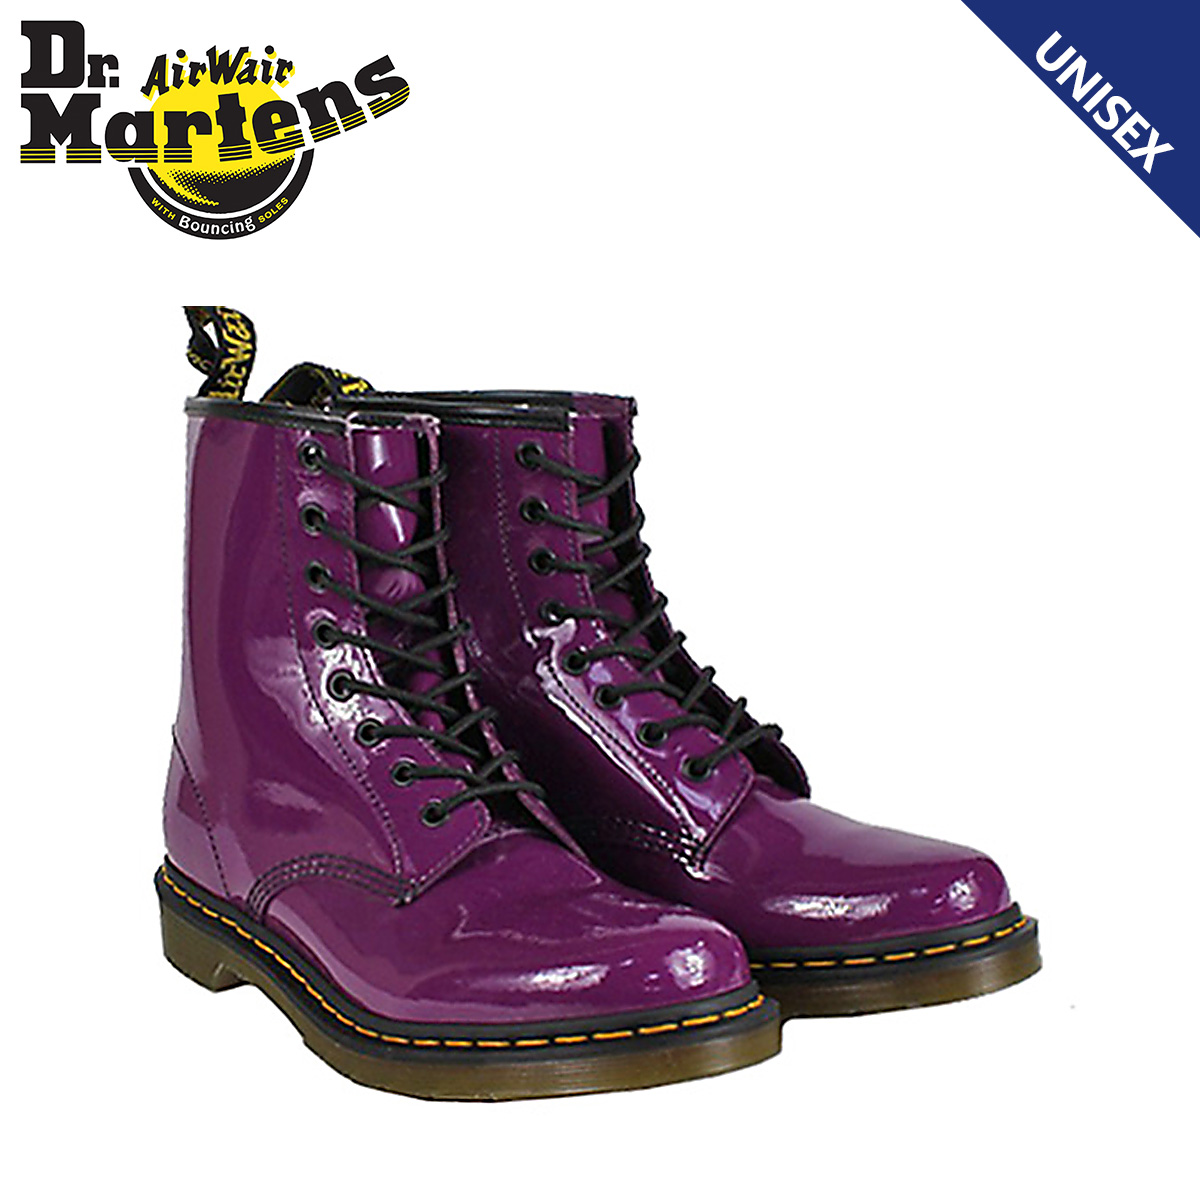 【最大2000円OFFクーポン】 ドクターマーチン 8ホール 1460 レディース Dr.Martens ブーツ WOMENS 8EYE BOOT R11821512 メンズ